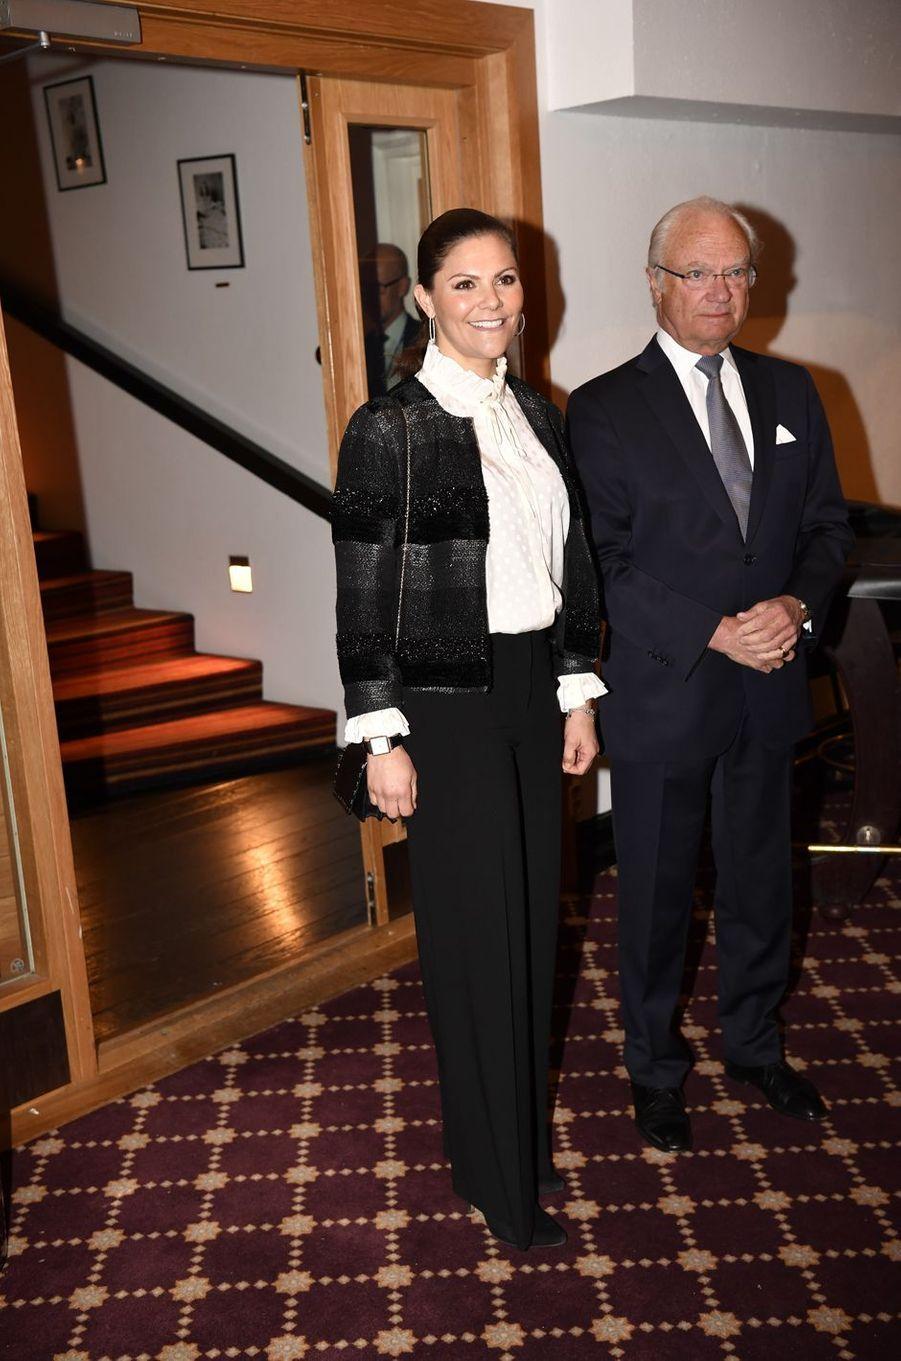 La princesse Victoria et le roi Carl XVI Gustaf de Suède à Sälen, le 13 janvier 2018